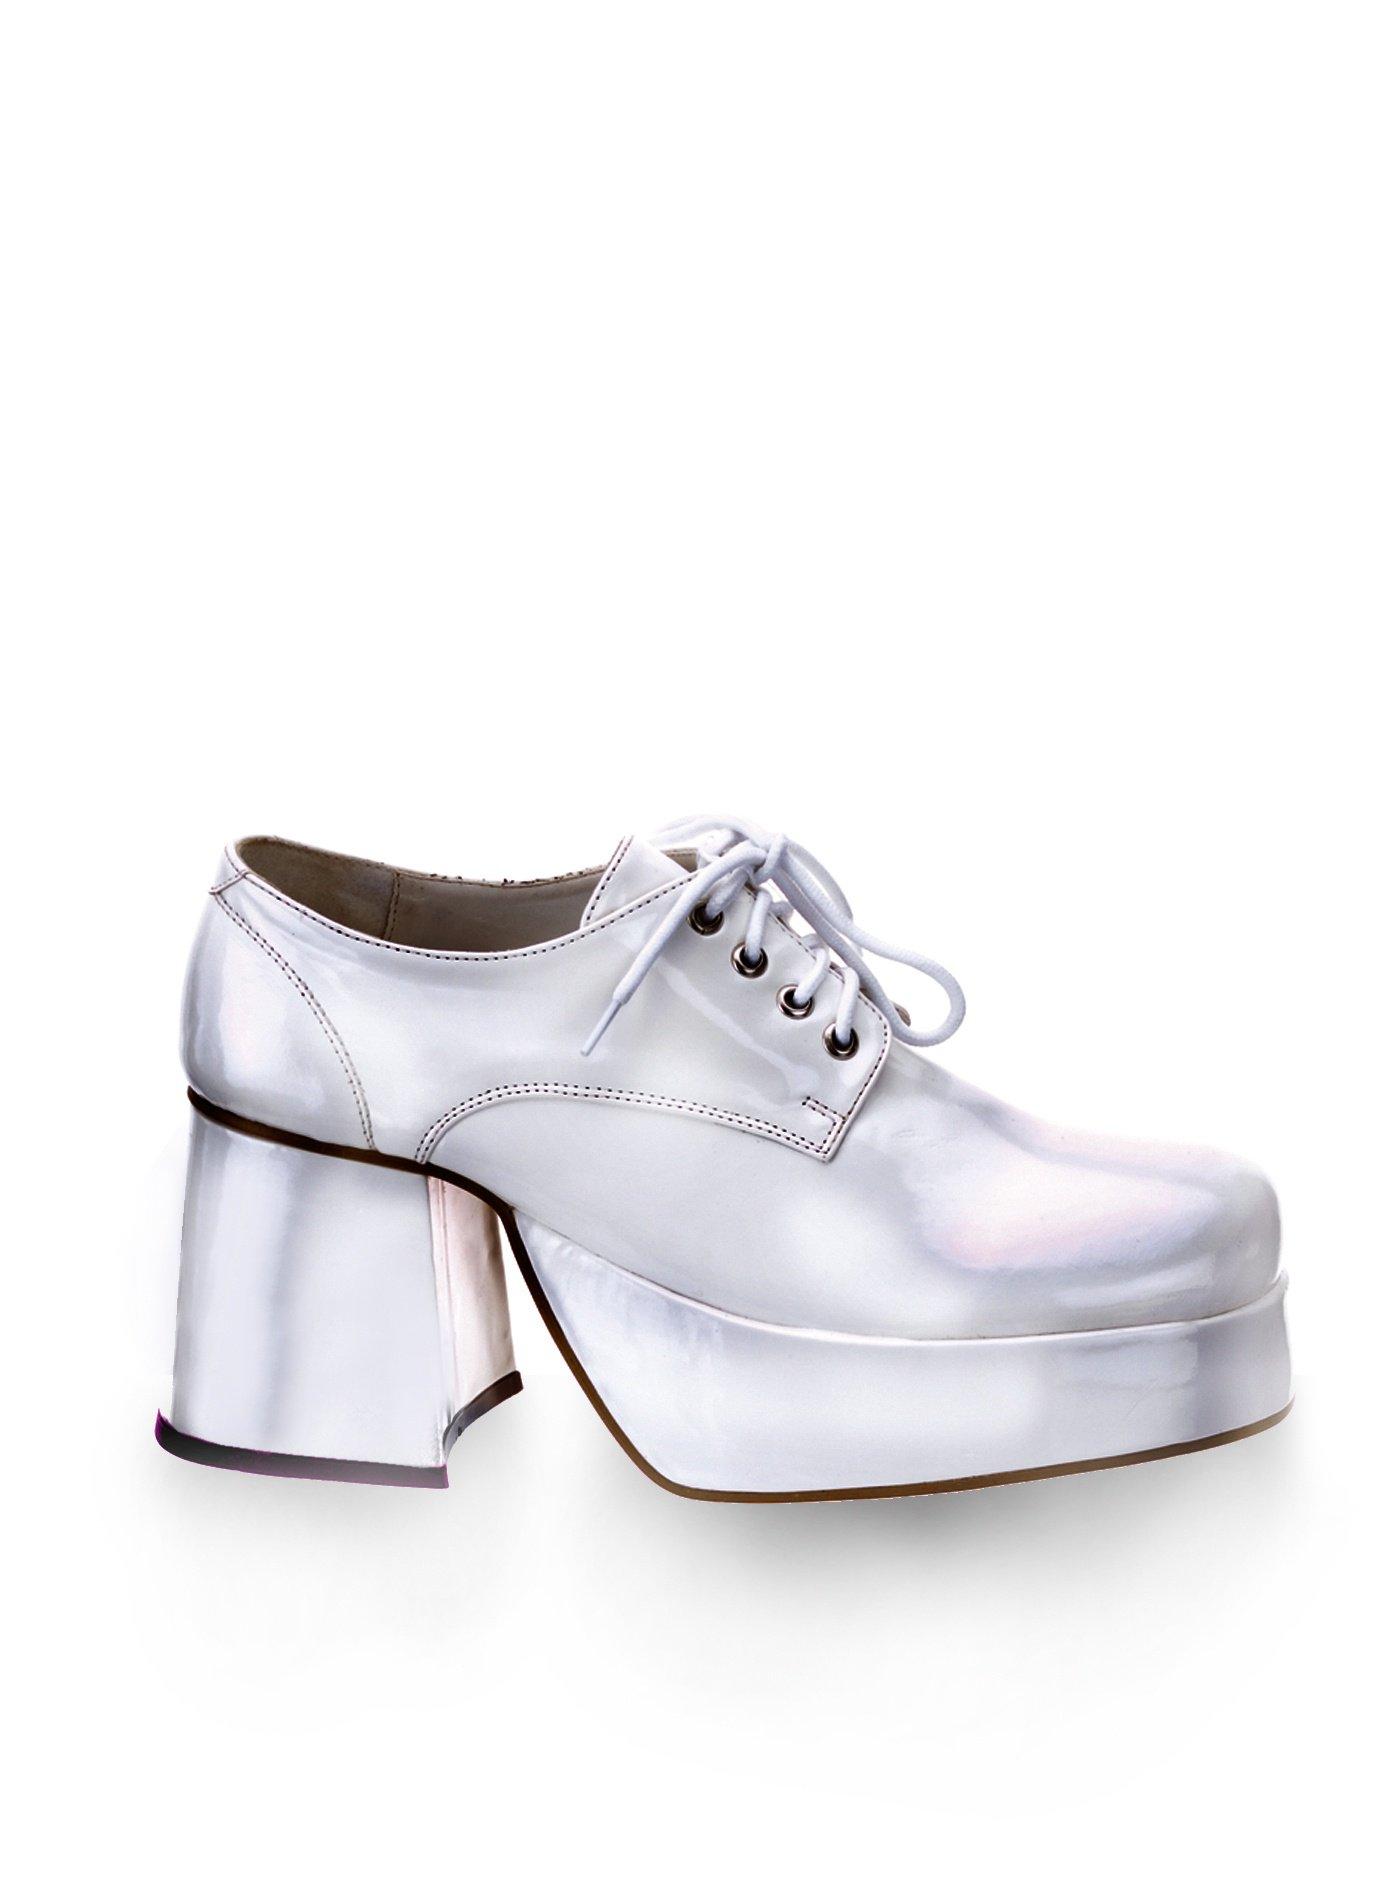 Details zu 70er Herren Plateau Schuhe Weiß Disco Kostüm Schuhe Hippie Schlager